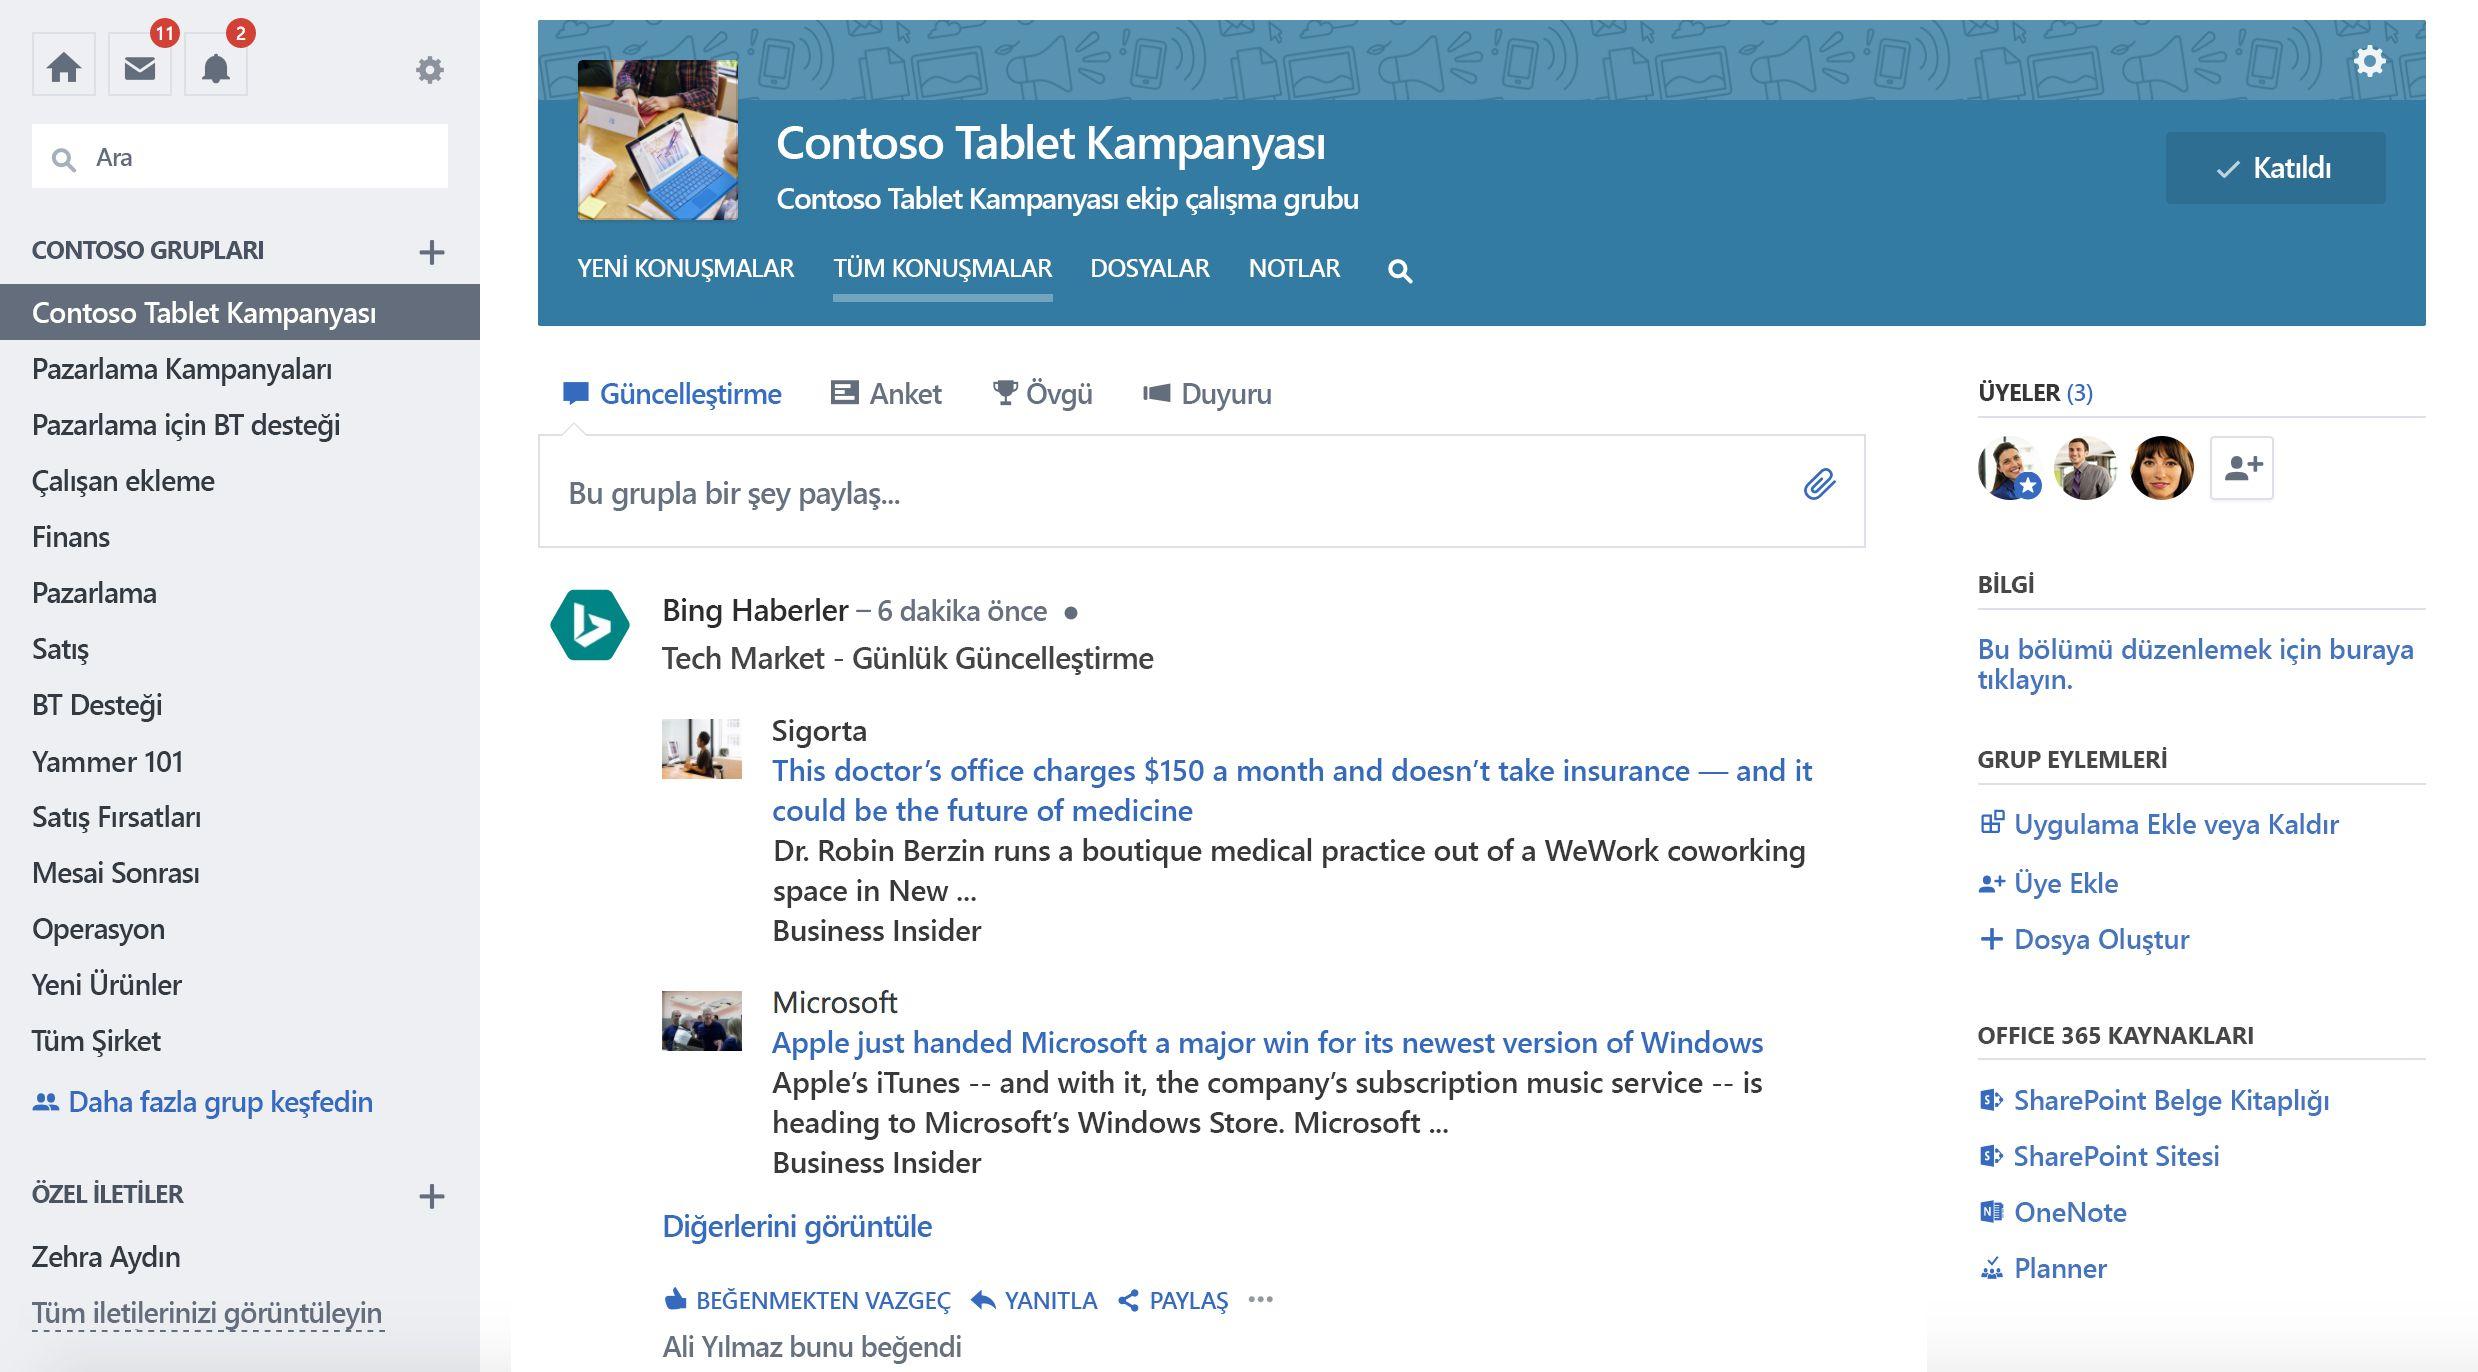 Üçüncü taraf hizmetinden grubun güncelleştirmesinin ekran görüntüsü